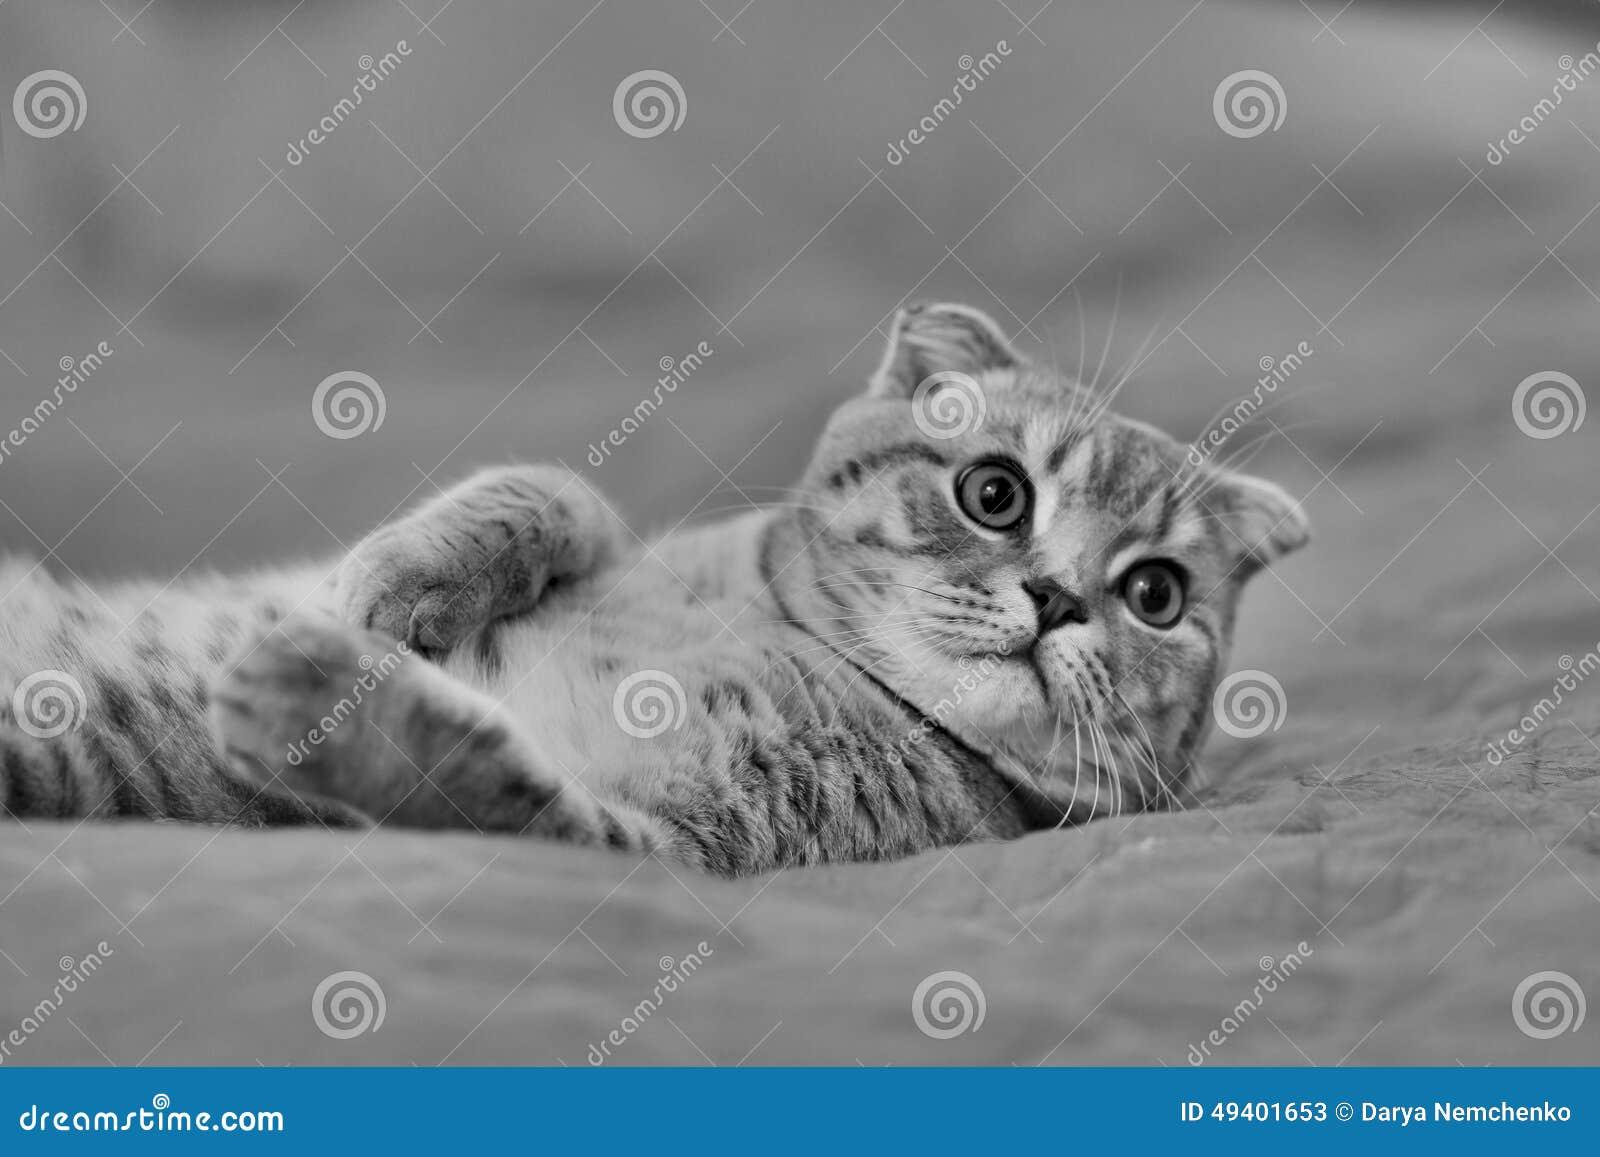 Download Katze, Die Auf Dem Bett Stillsteht Stockbild - Bild von kittens, rückseite: 49401653